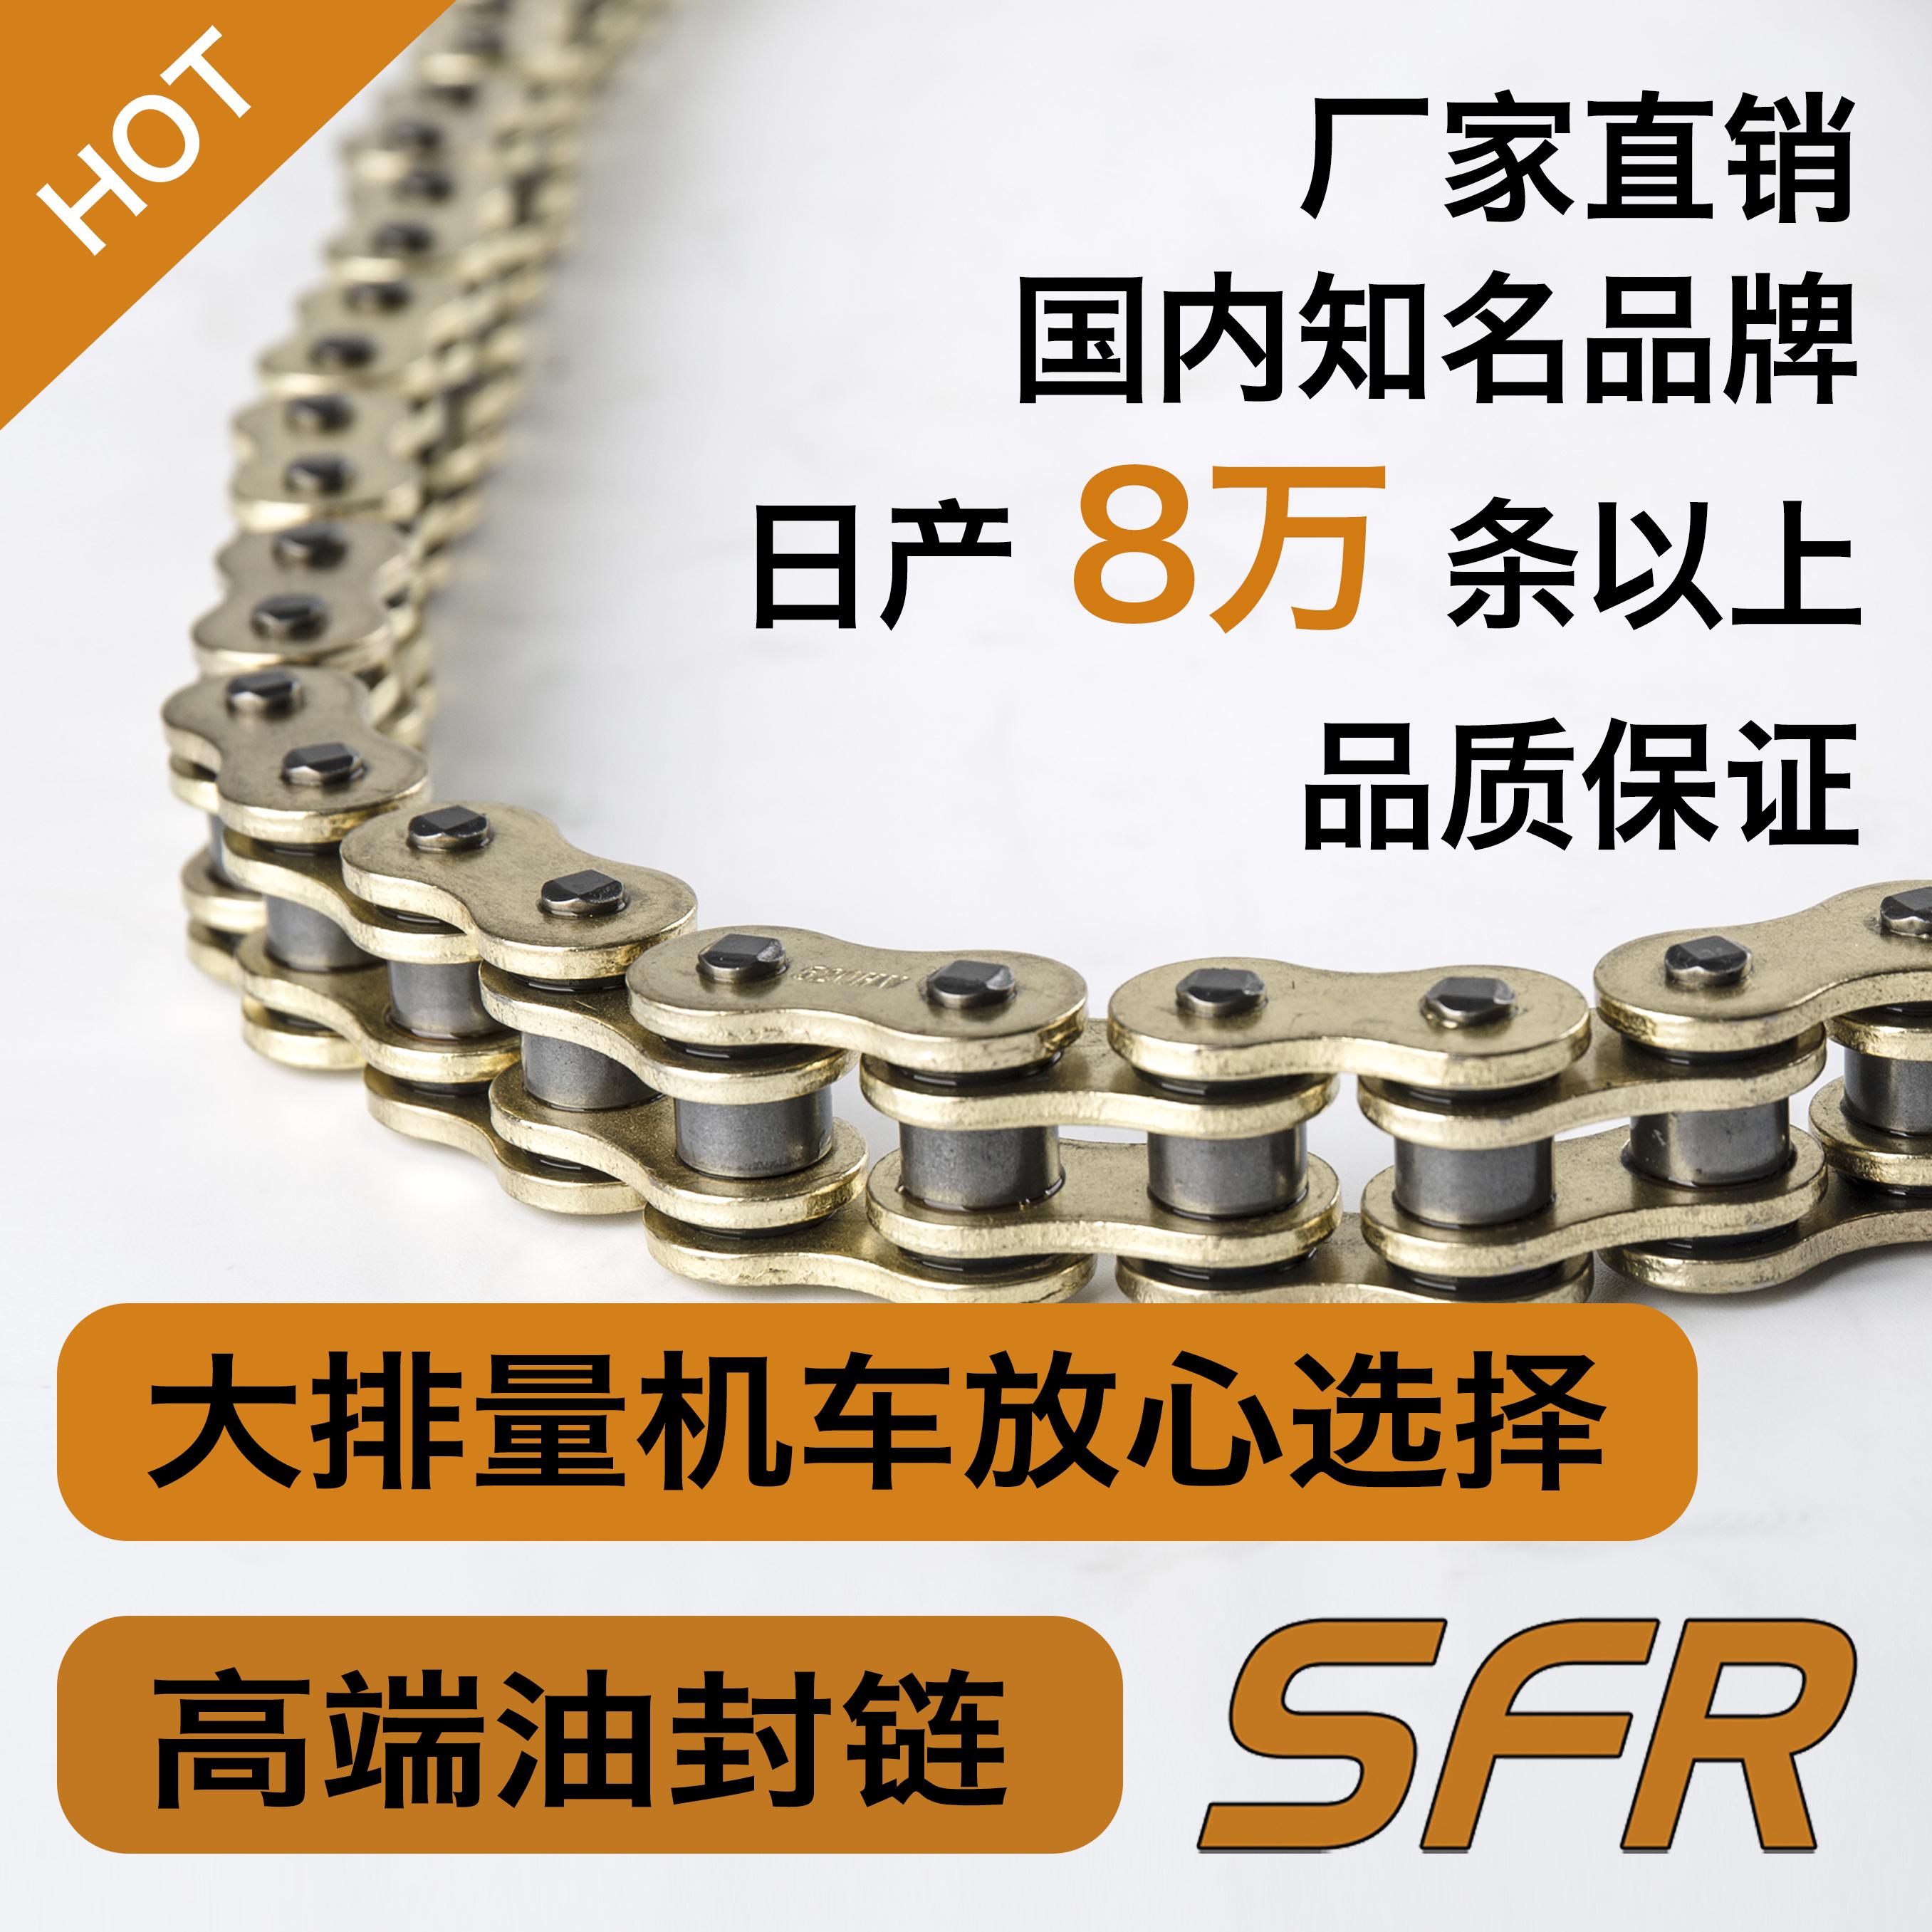 順峰鏈業,SFR,525HV,525HO,密封圈鏈條,油封鏈條,大排量摩托車鏈條,300CC,400CC,跑車,越野